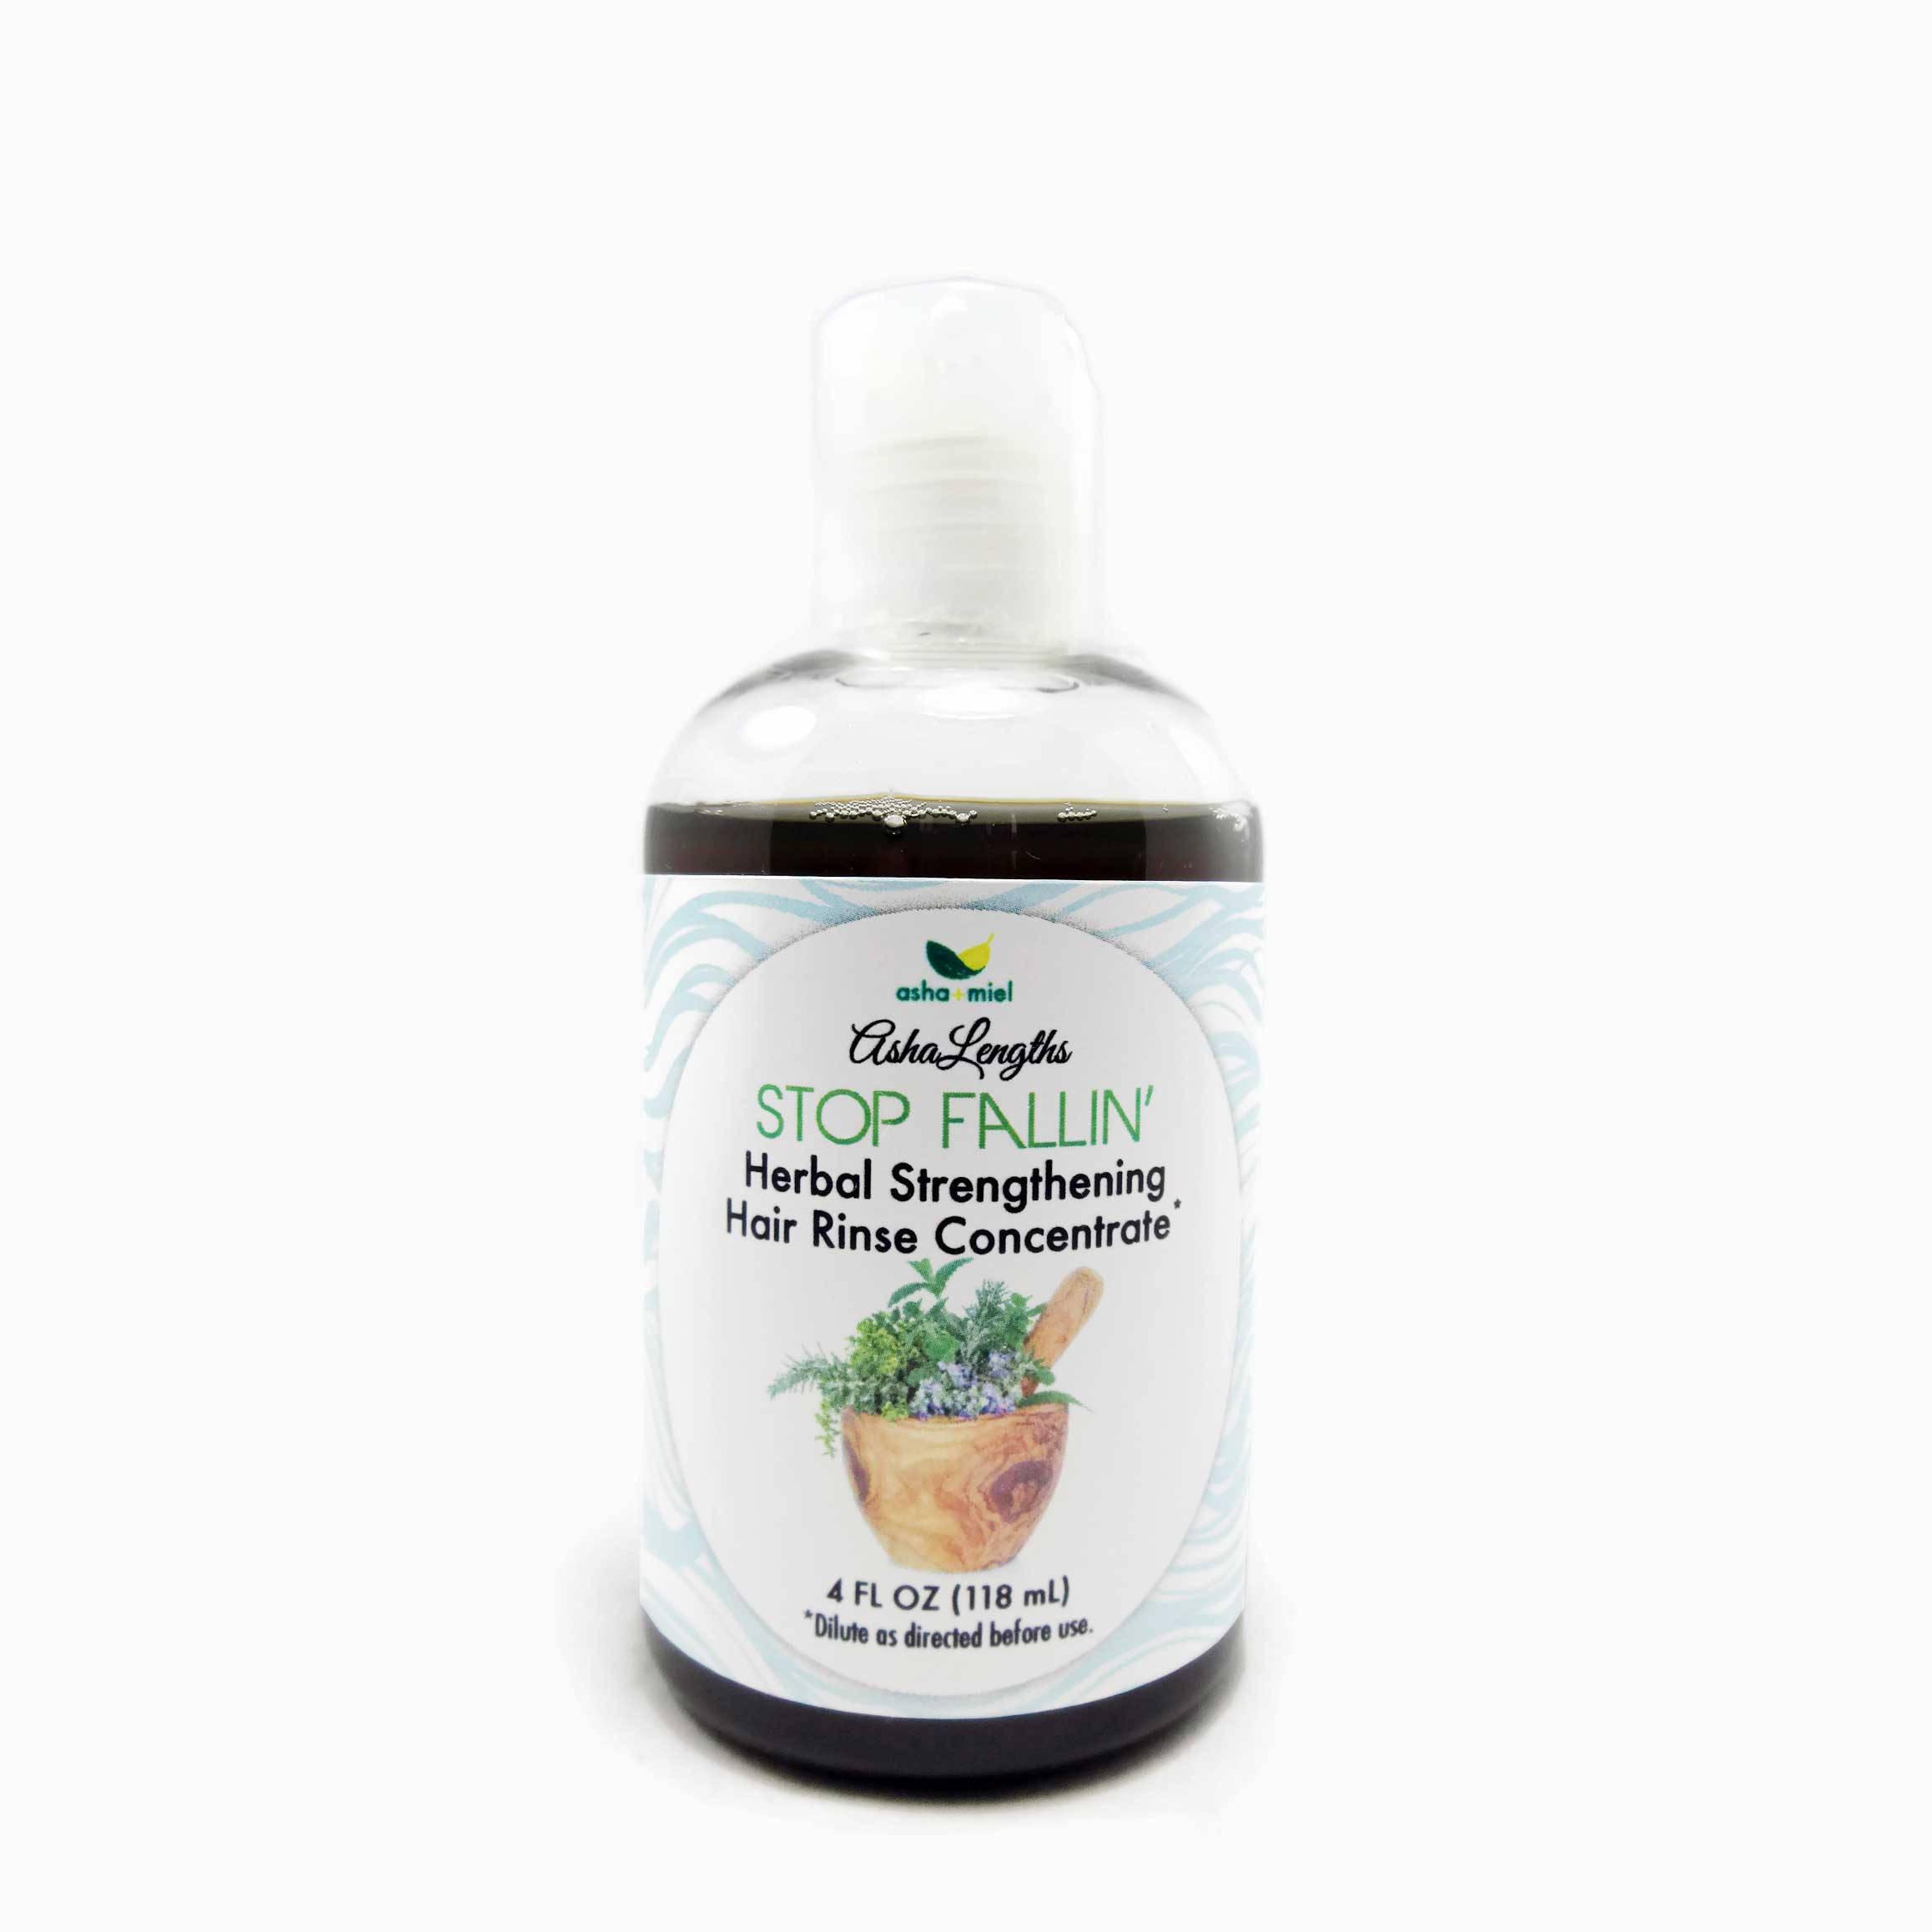 Stop Fallin' Herbal ACV, Vinegar Rinse, herbal hair rinse, Hair Growth